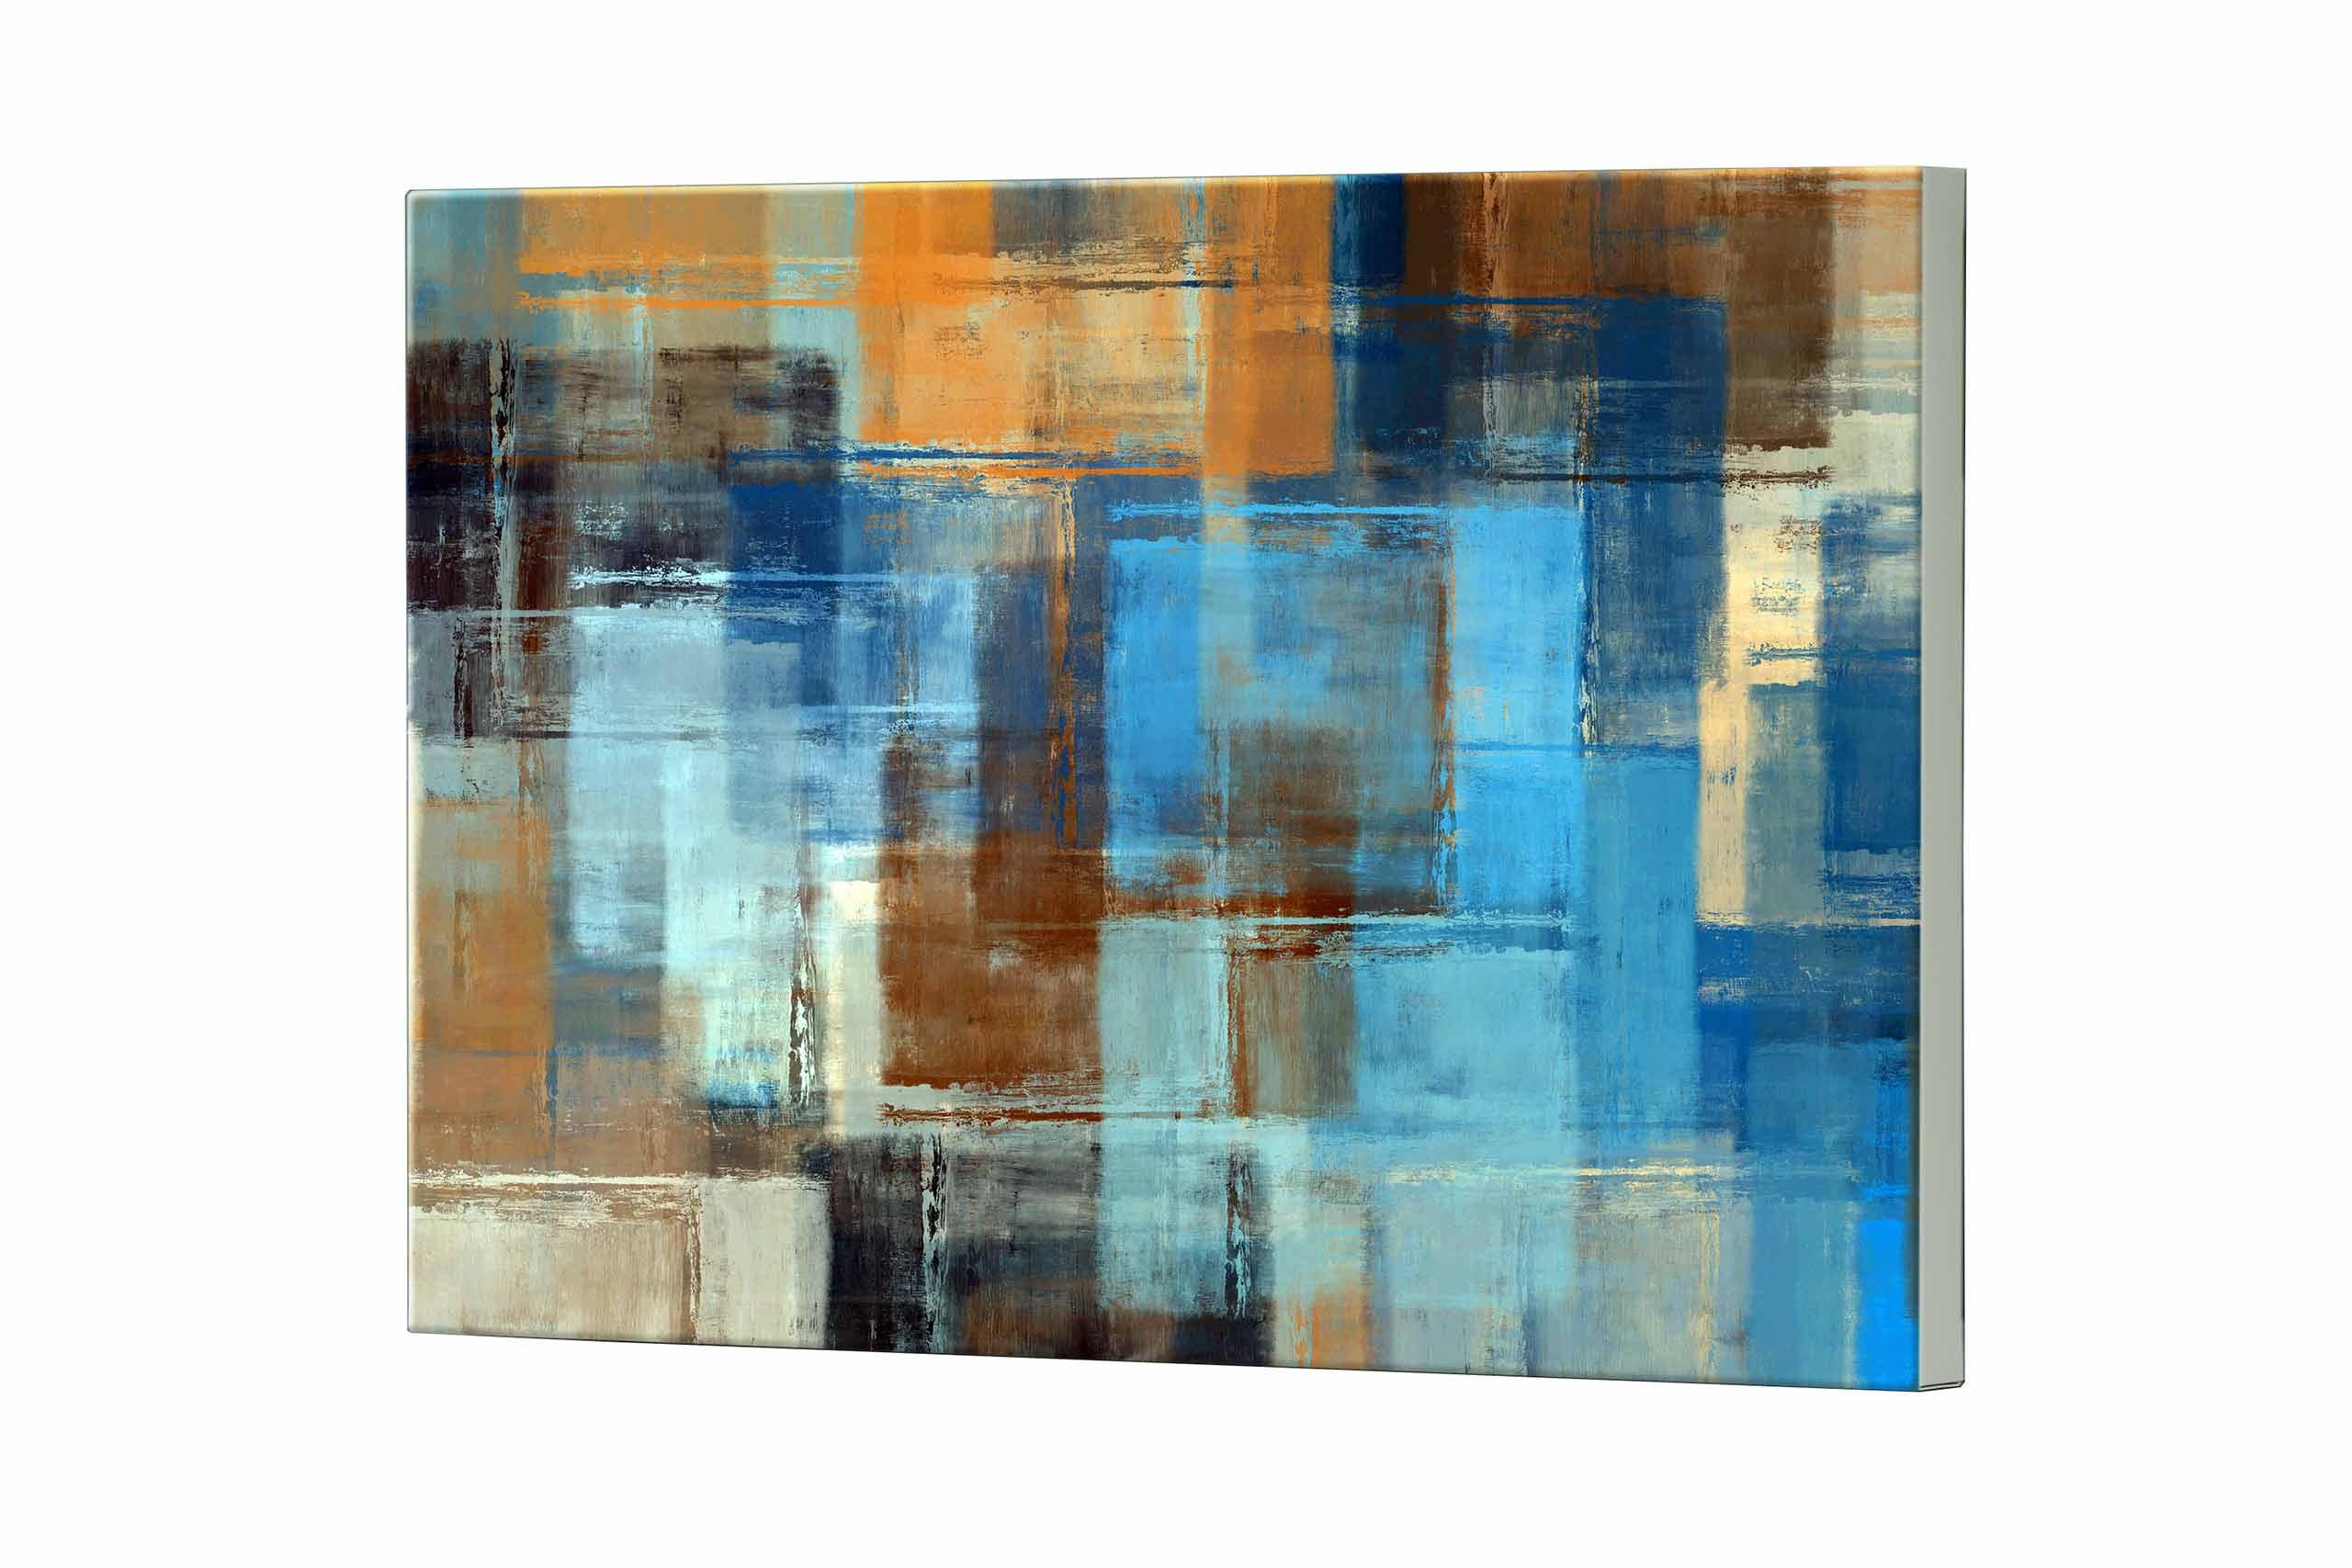 Magnettafel NOTIZ 80x60cm Motiv Abstrakt Kunst MDQ498 Motiv-Pinnwand